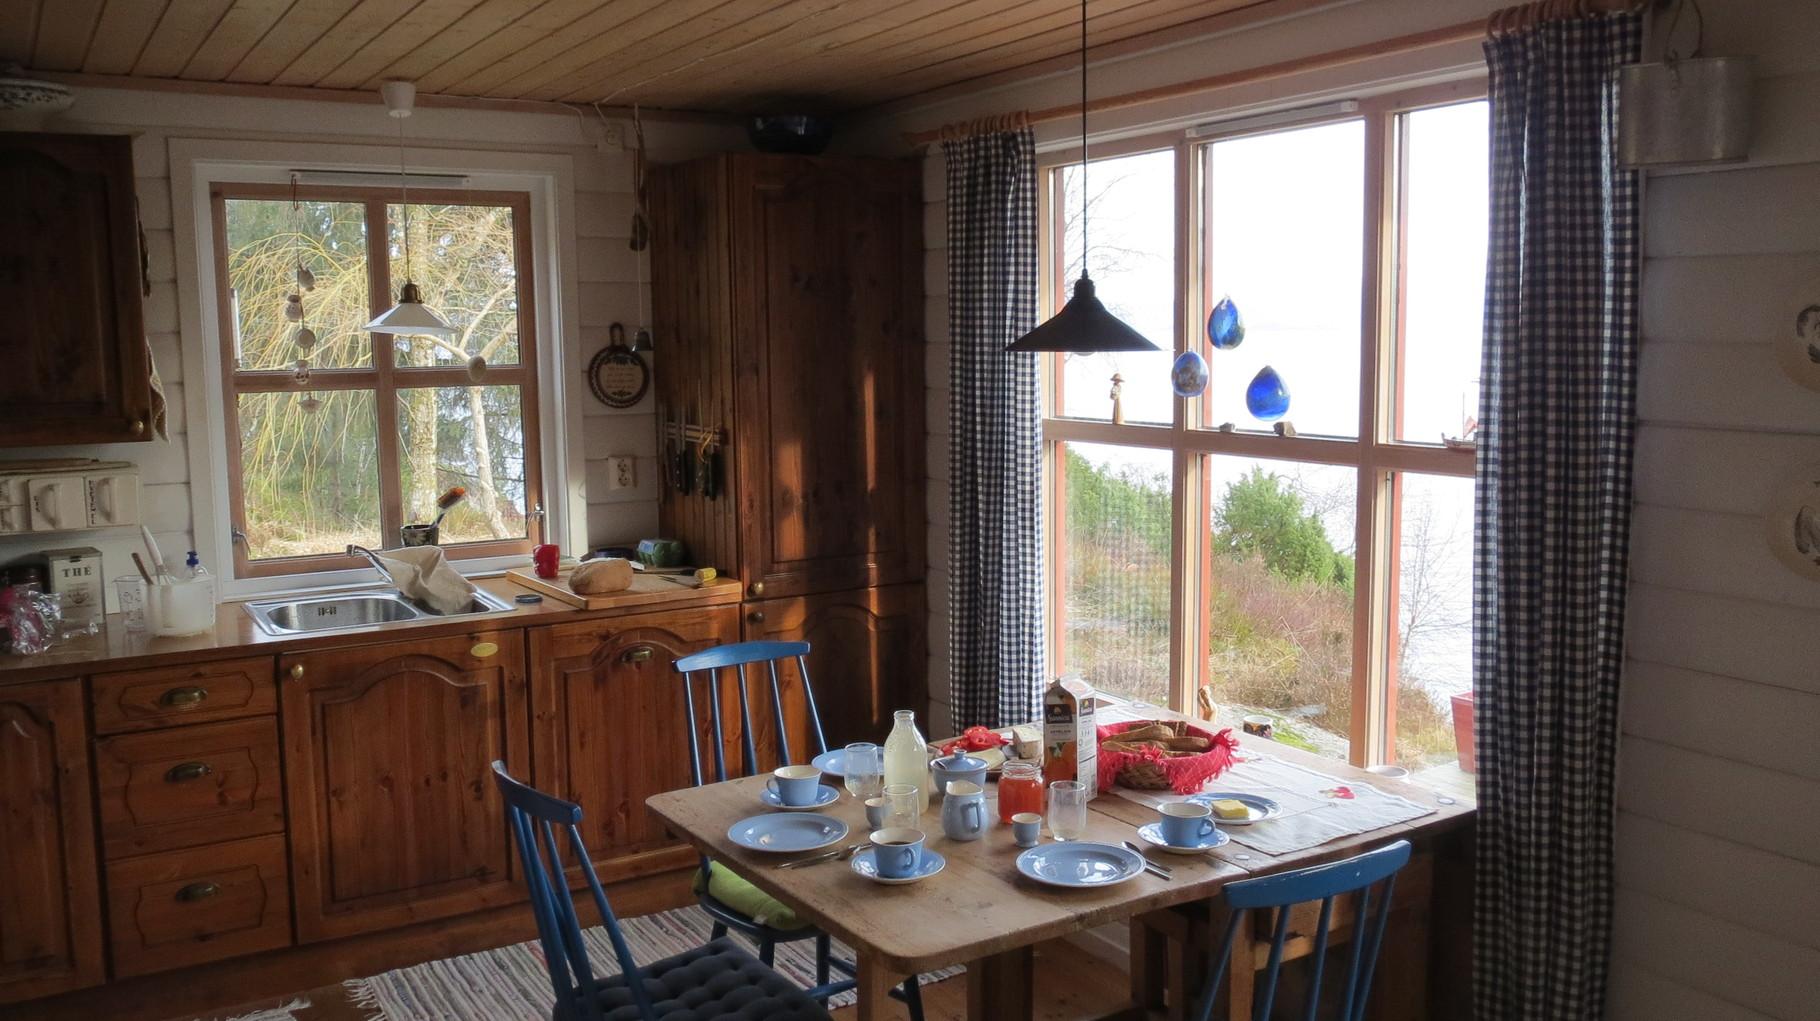 Nachts noch per Fähre vom Flughafen auf die Insel Kyrkjøy übergesetzt und morgens dann im Ferienhaus aufgewacht ...